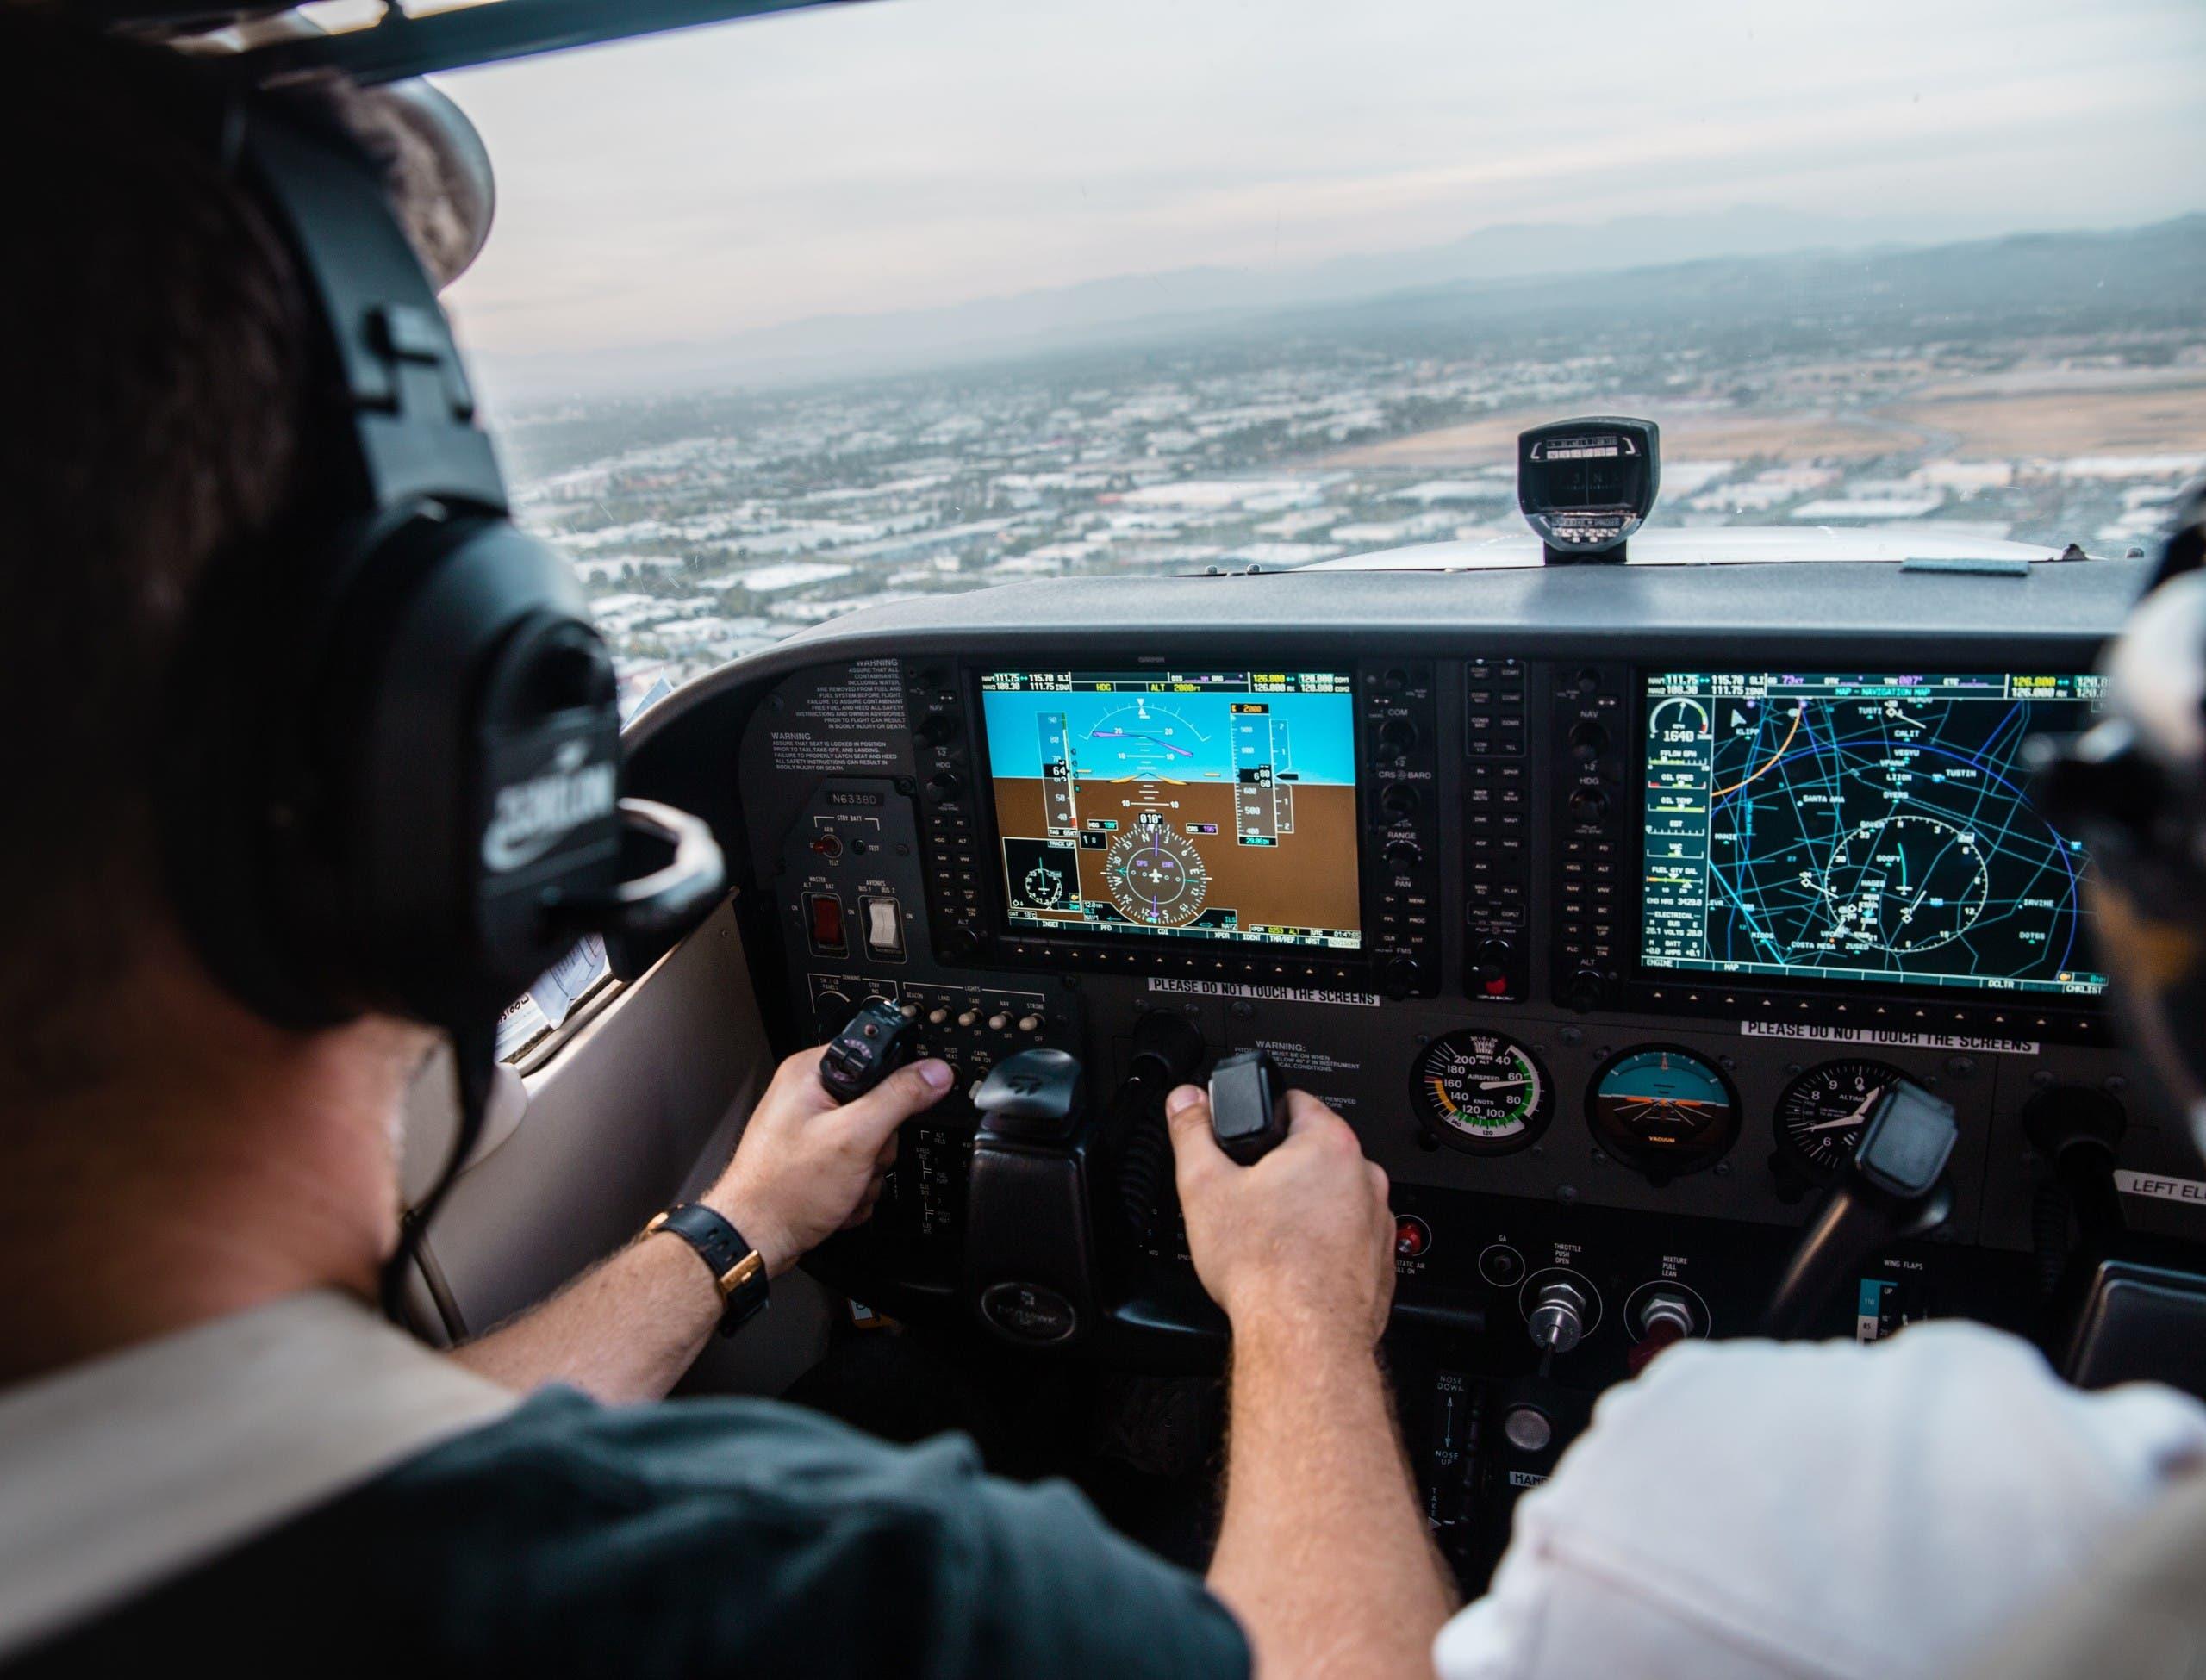 A pilot flying an aircraft. (Unsplash,  Kristopher Allison)